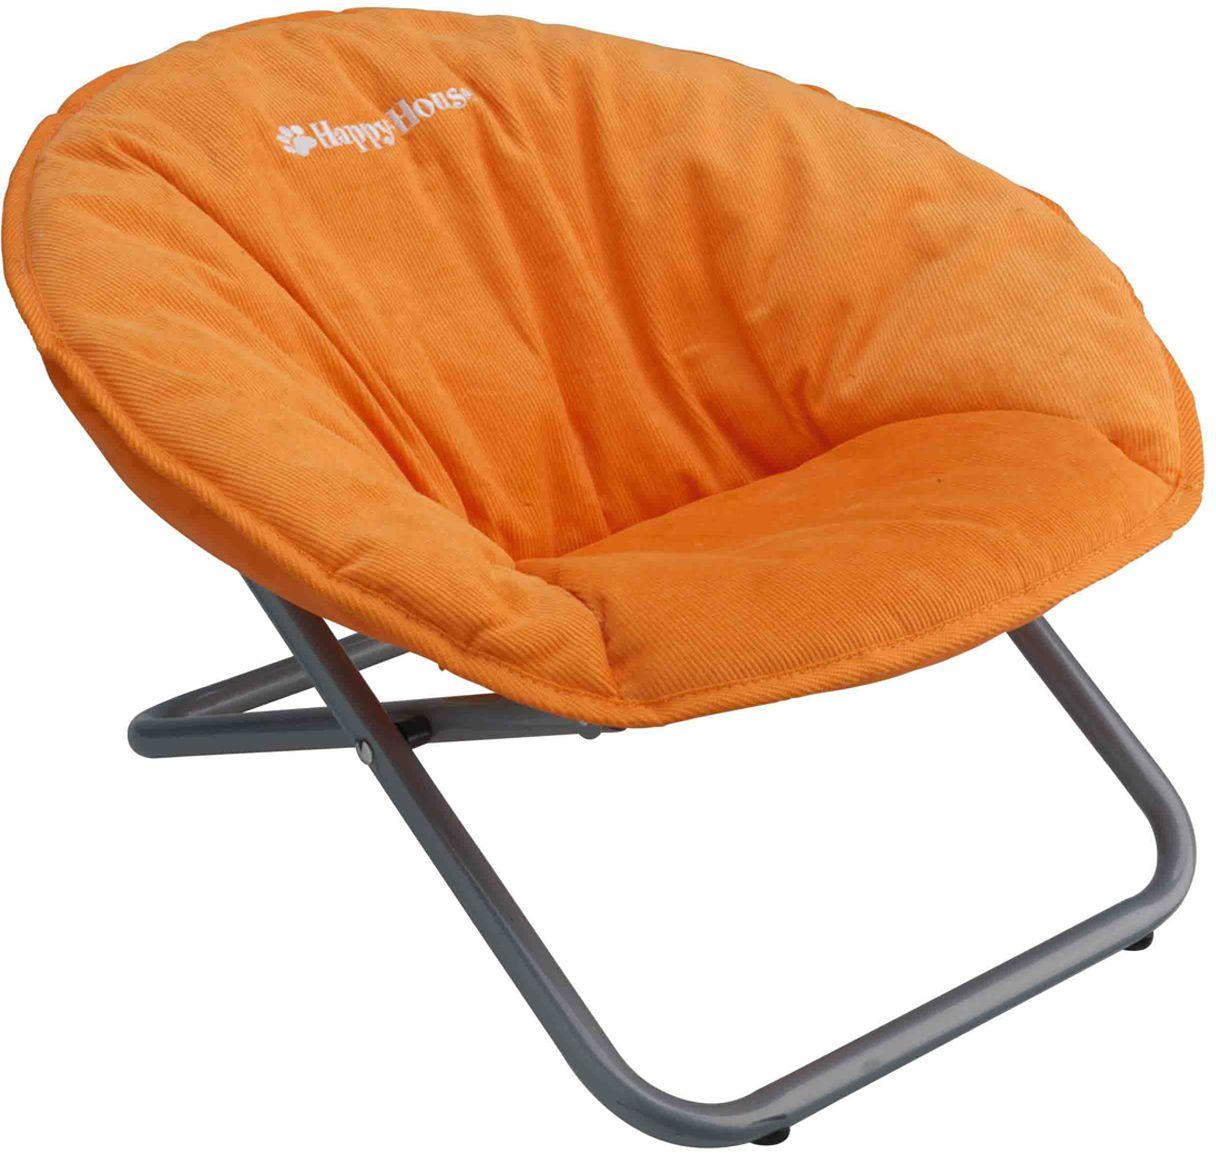 Стул для животных Happy House New Classic, цвет: оранжевый, 55 х 51 х 36 см0120710Стул для животных Happy House New Classic - прекрасный большой стул для кошки или собаки. Стул имеет металлический каркас и сиденье, выполненное из мягкого вельвета с наполнителем из полиэстера. Сиденье легко снимается с каркаса. Его можно стирать при температуре 30°С. Максимальная вместимость стула - 15 кг.На таком стуле вашему любимцу будет мягко и тепло. Он подарит вашему питомцу ощущение уюта и уединенности.